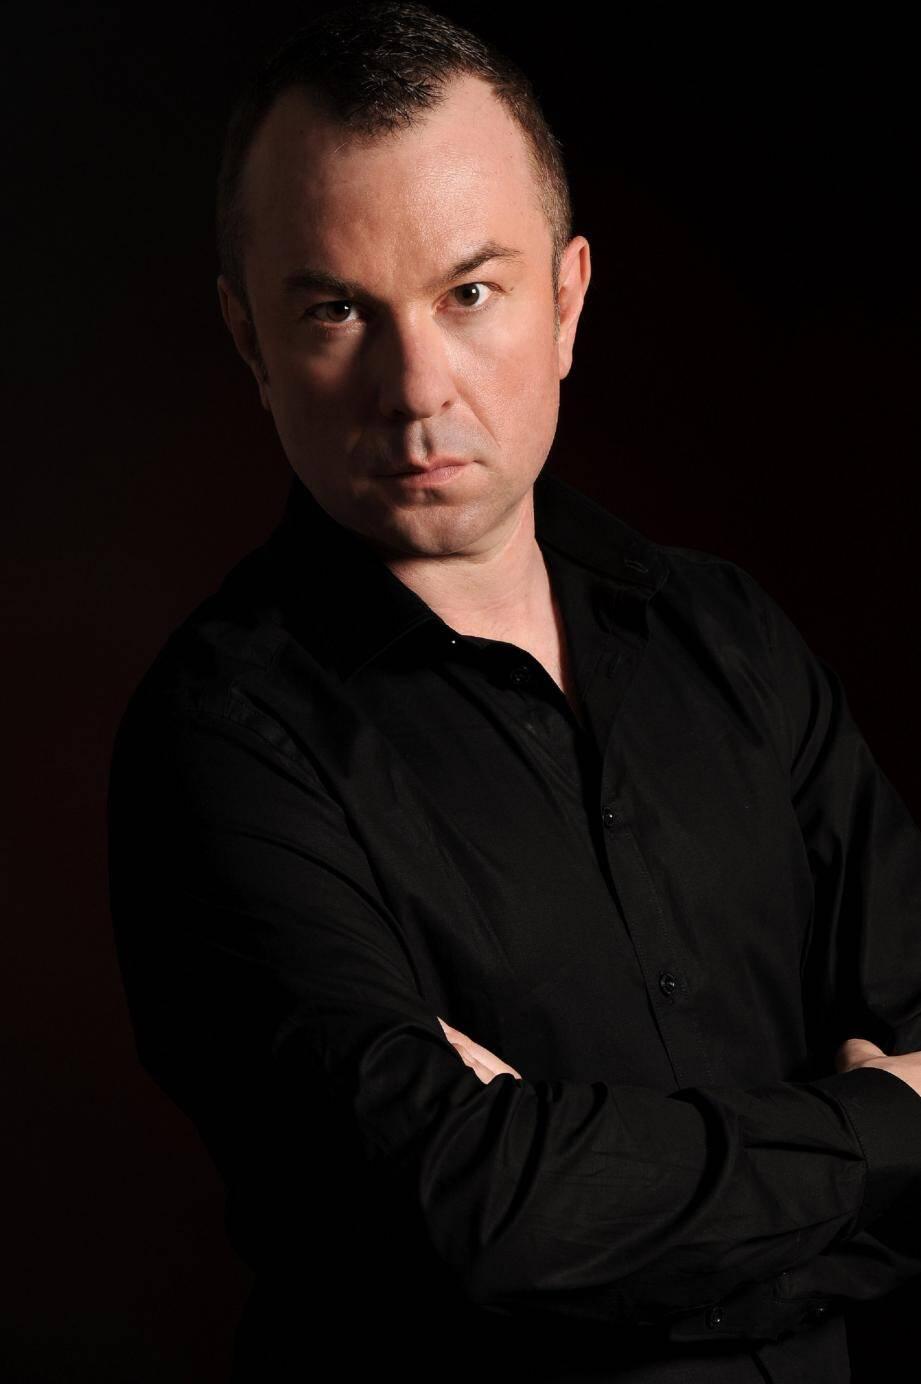 L'organiste, Olivier Vernet est le directeur artistique du Festival d'orgue de Mougins.(DR)